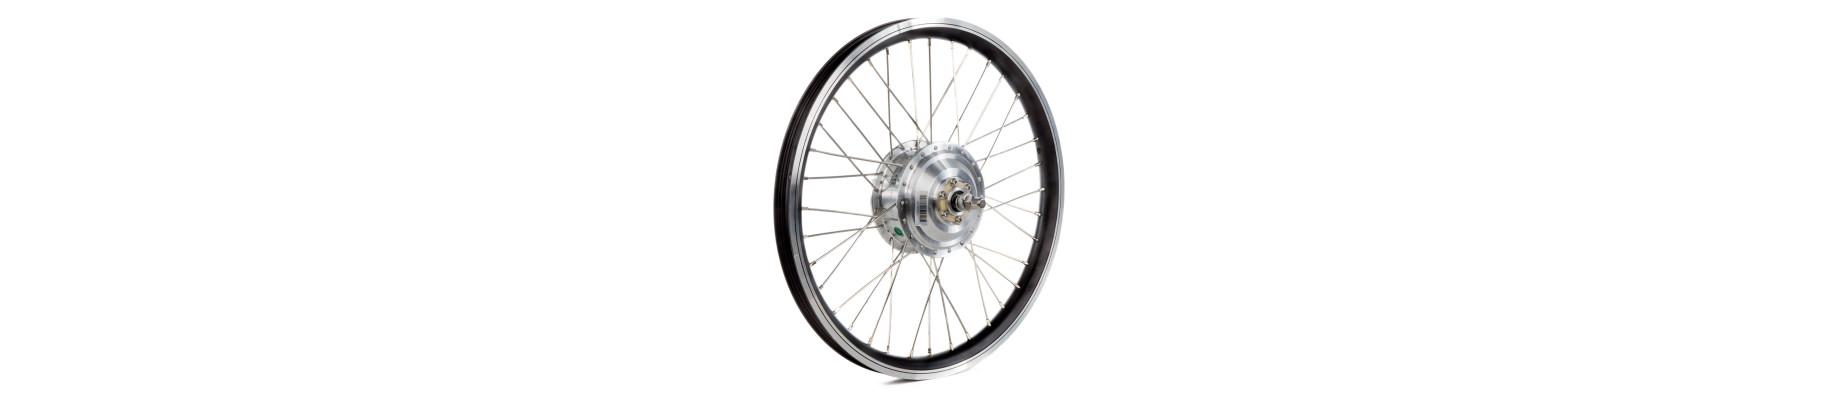 Hjul med navmotor